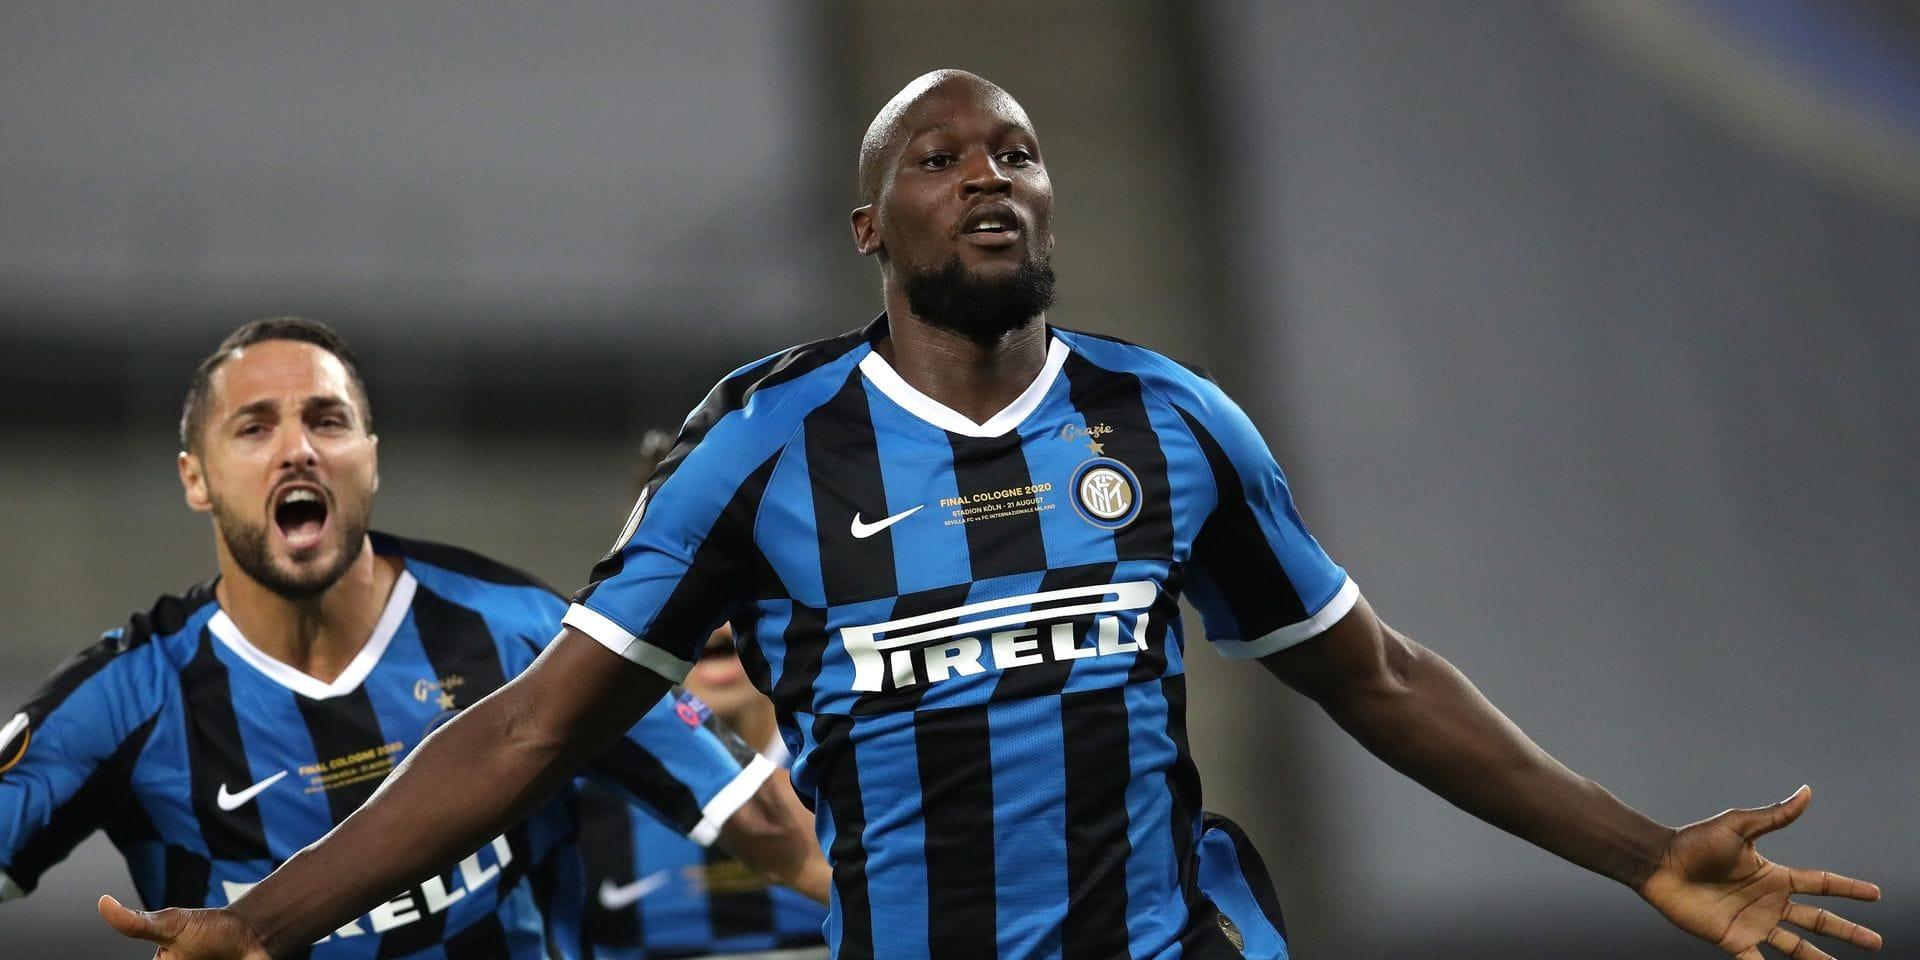 Romelu Lukaku marque en finale d'Europa League et égale Ronaldo pour sa première saison à l'Inter (VIDEO)